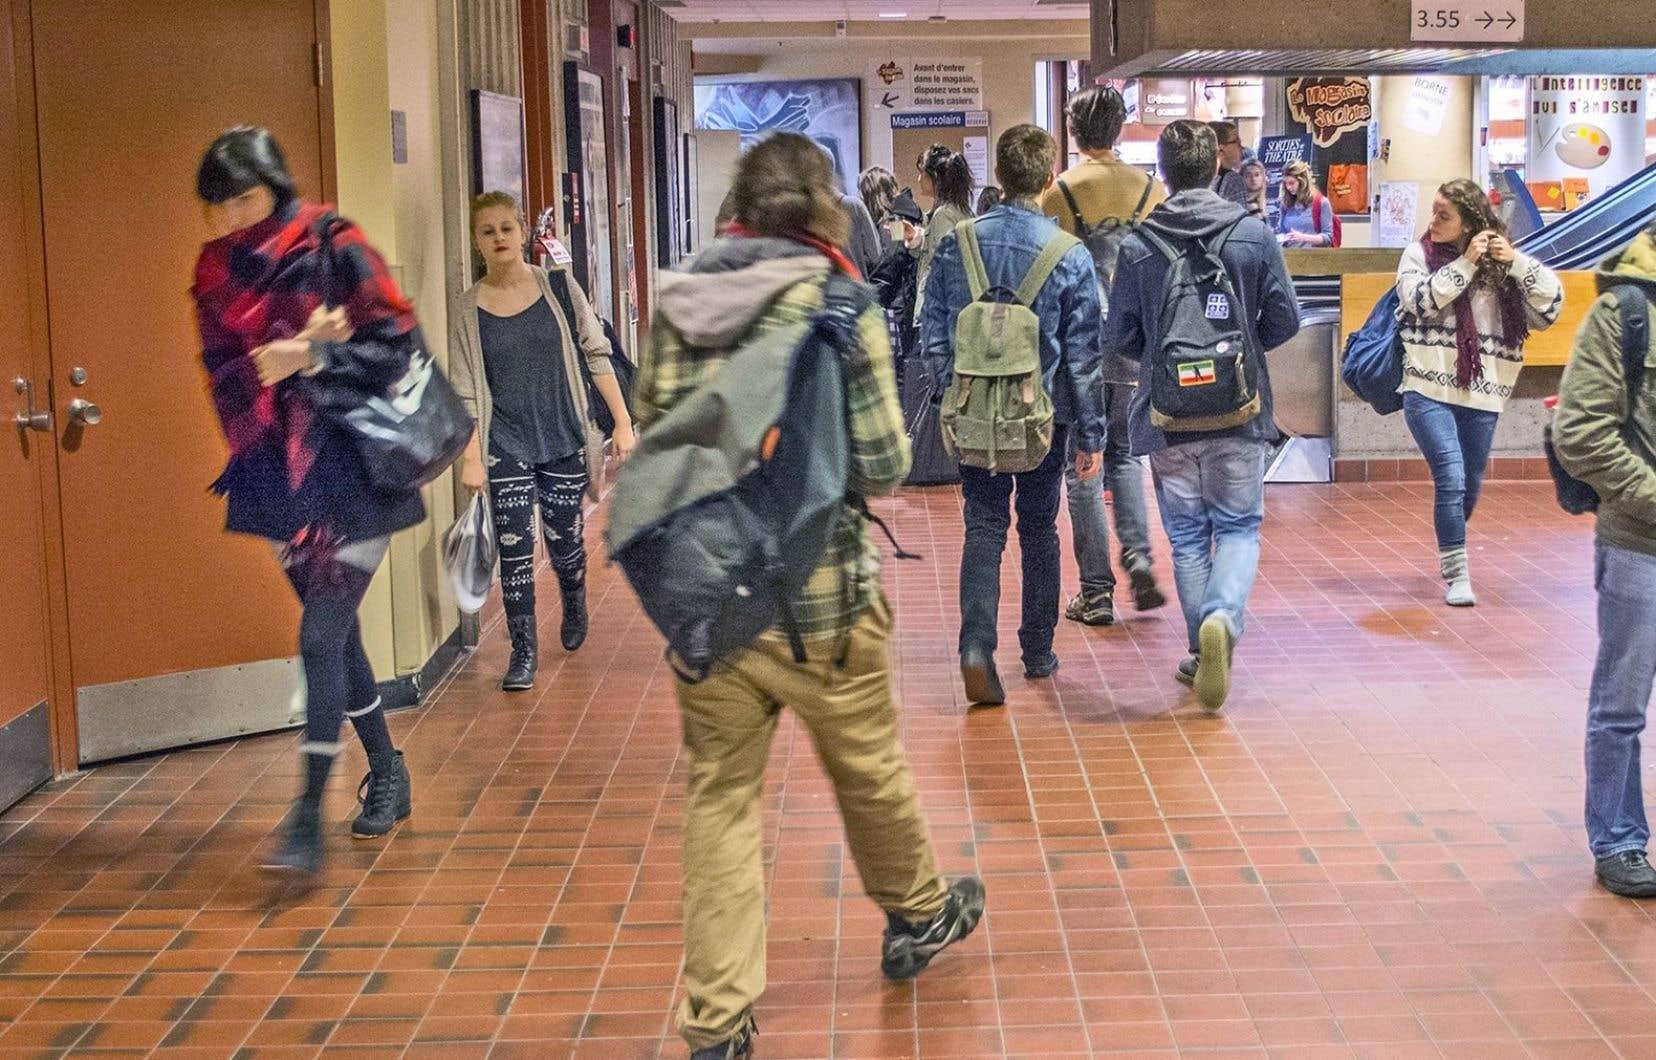 La recherche a été effectuée en ligne auprès des élèves de huit cégeps de diverses régions du Québec.